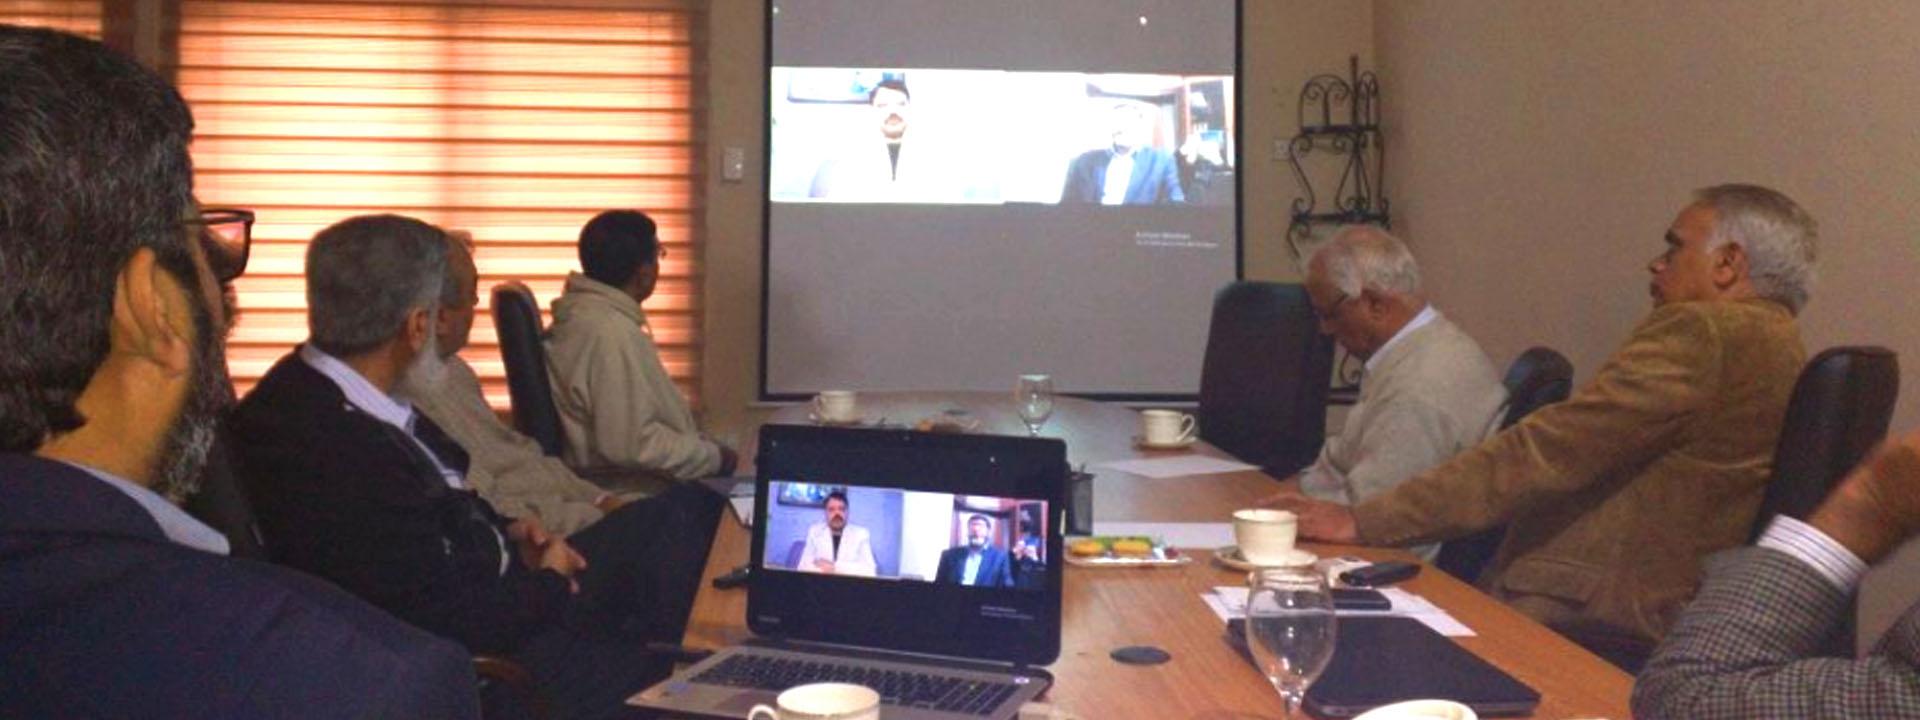 video_conferencing_slider